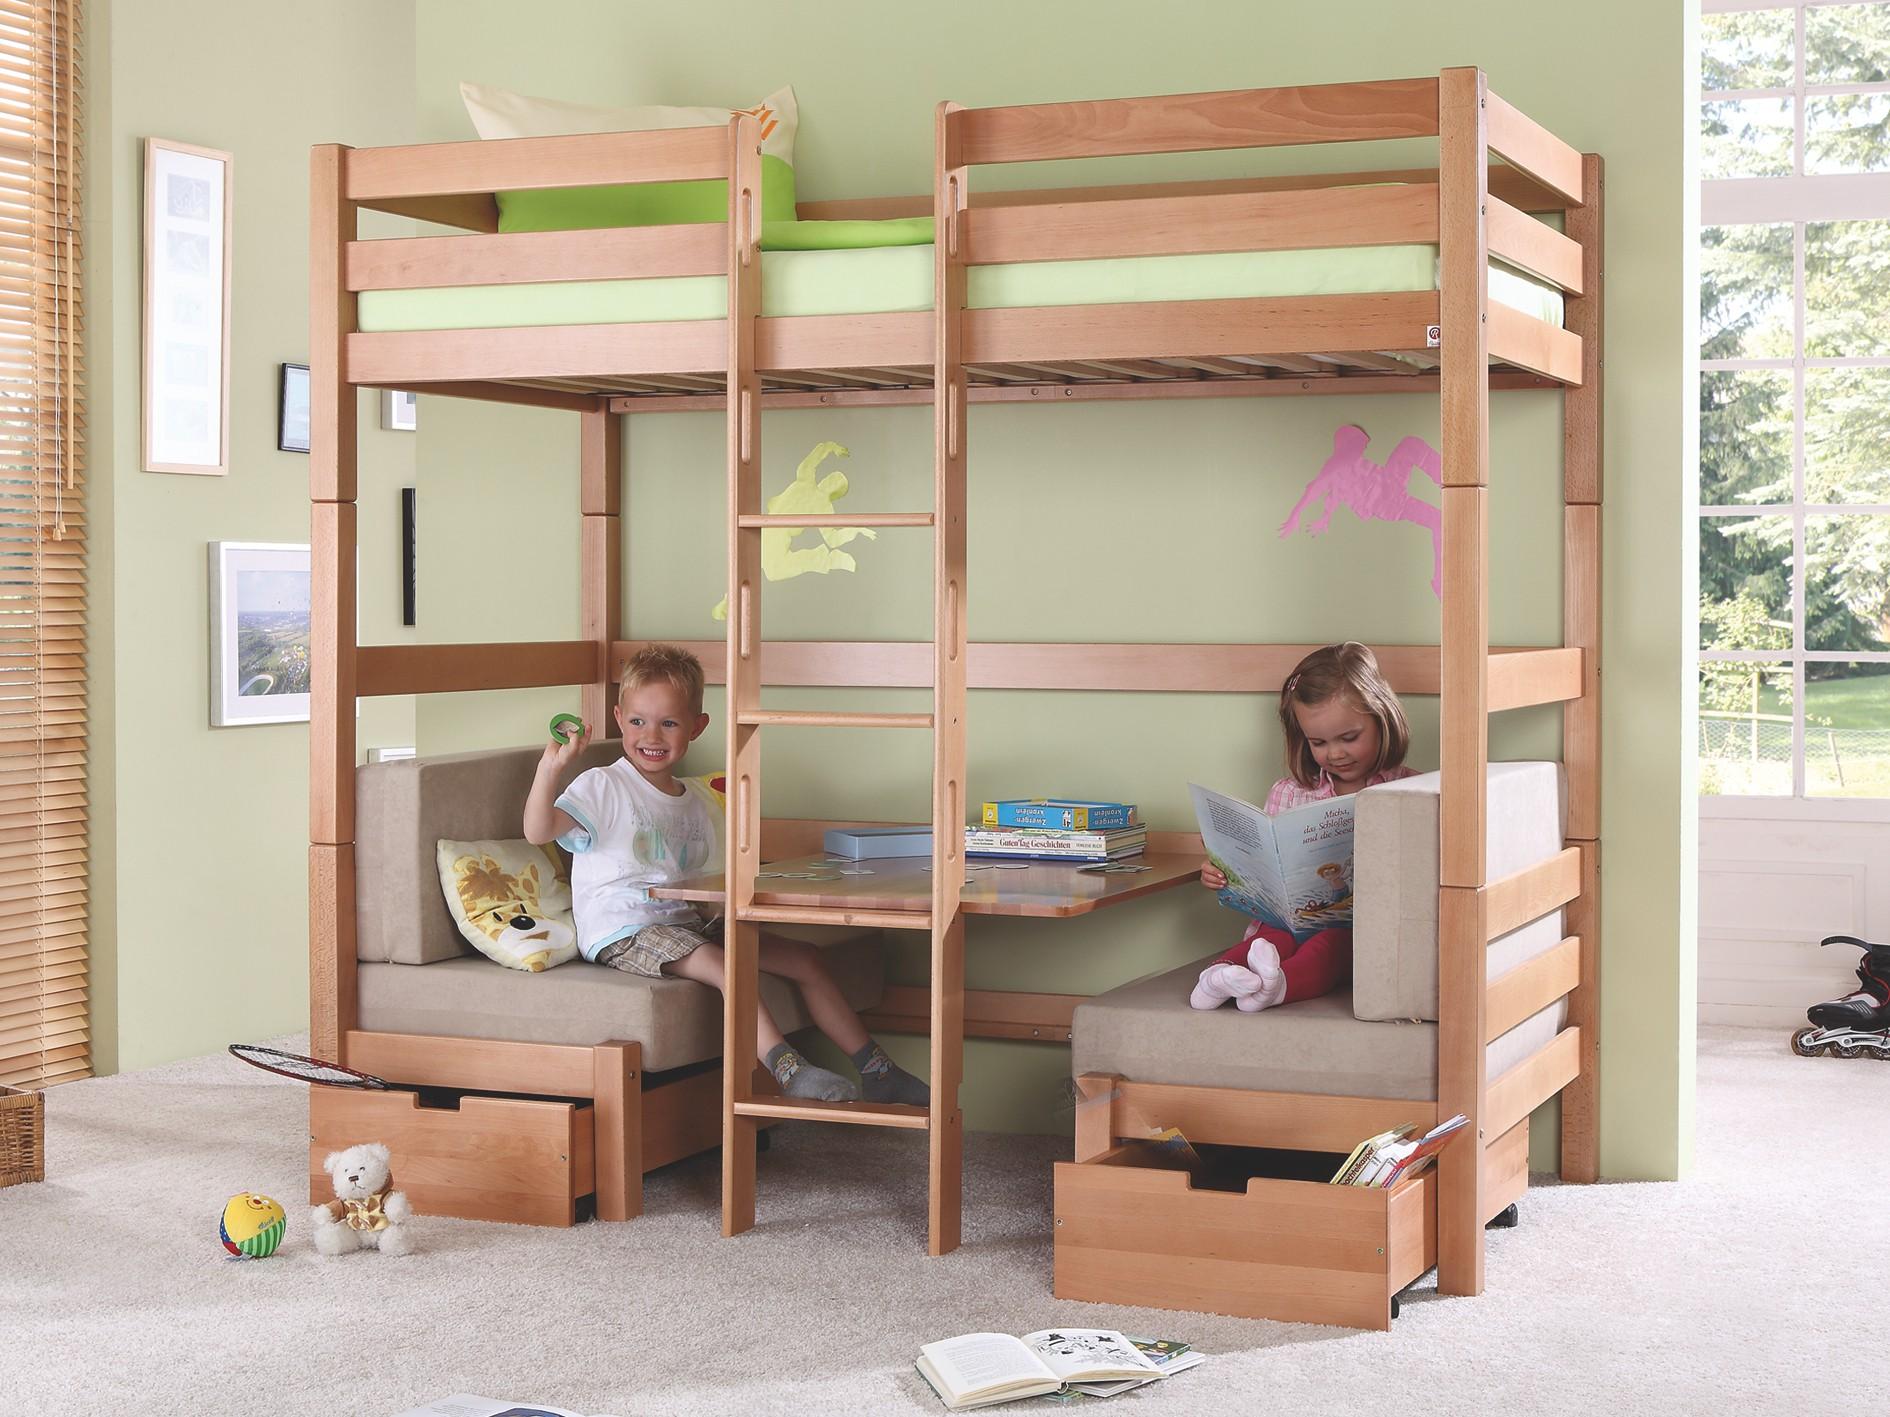 Etagenbett Kinder Buche : Kinder etagenbett mit sitzbänken buche hochbett kinderbett